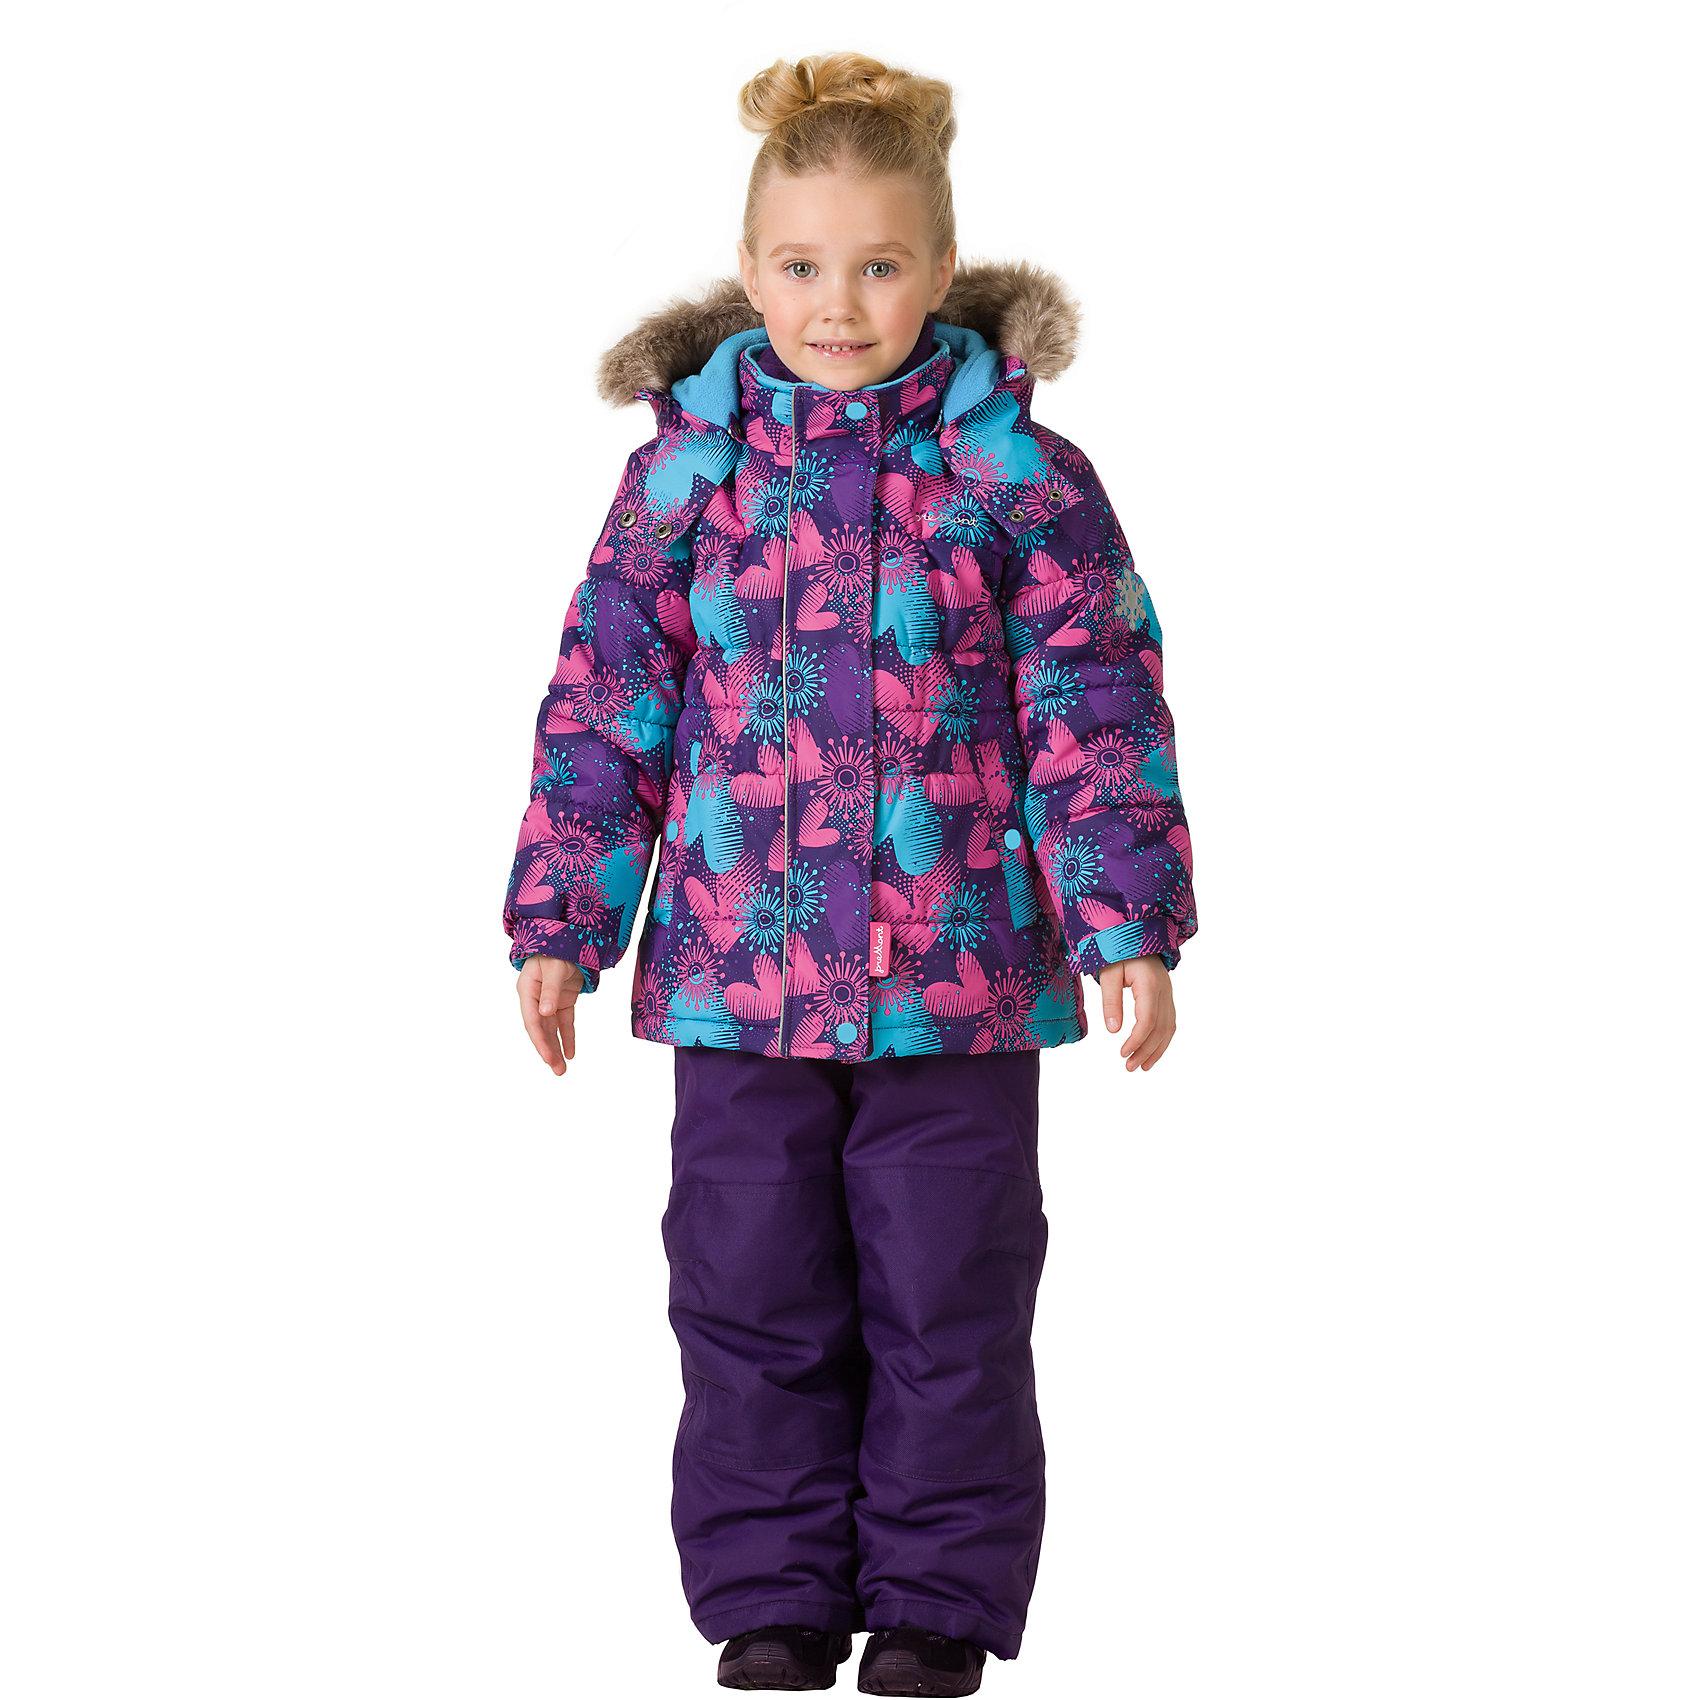 Комплект: куртка и брюки Premont для девочкиВерхняя одежда<br>Характеристики товара:<br><br>• цвет: фиолетовый<br>• комплектация: куртка и брюки<br>• состав ткани: Taslan<br>• подкладка: Polar fleece, Taffeta<br>• утеплитель: Tech-polyfill<br>• сезон: зима<br>• мембранное покрытие<br>• температурный режим: от -30 до +5<br>• водонепроницаемость: 5000 мм <br>• паропроницаемость: 5000 г/м2<br>• плотность утеплителя: куртка - 280 г/м2, брюки - 180 г/м2<br>• капюшон: съемный<br>• искусственный мех на капюшоне отстегивается<br>• застежка: молния<br>• страна бренда: Канада<br>• страна изготовитель: Китай<br><br>Теплый зимний детский комплект сделан с применением мембранной технологии. Мягкая подкладка комплекта для детей делает его теплым и комфортным. Зимний комплект для ребенка - это куртка с капюшоном и брюки. Детский теплый комплект дополнен светоотражающими элементами, лямками, планкой от ветра и карманами на липучках. <br><br>Комплект: куртка и брюки для девочки Premont (Премонт) можно купить в нашем интернет-магазине.<br><br>Ширина мм: 356<br>Глубина мм: 10<br>Высота мм: 245<br>Вес г: 519<br>Цвет: фиолетовый<br>Возраст от месяцев: 156<br>Возраст до месяцев: 168<br>Пол: Женский<br>Возраст: Детский<br>Размер: 164,92,98,100,104,110,116,120,122,128,140,152<br>SKU: 7088112